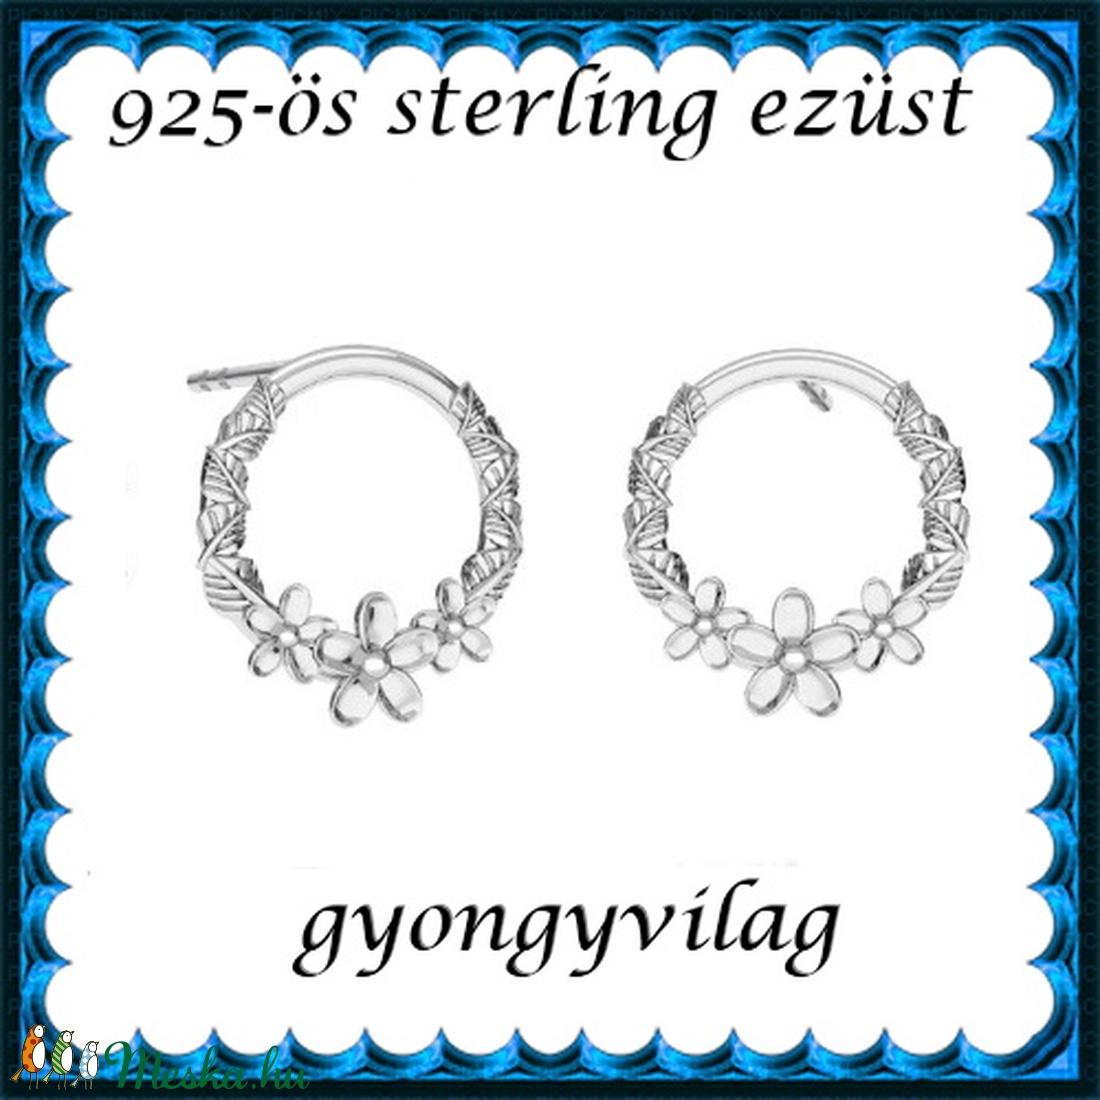 925-ös sterling ezüst: fülbevaló  EF 03 - ékszer - fülbevaló - lógó fülbevaló - Meska.hu